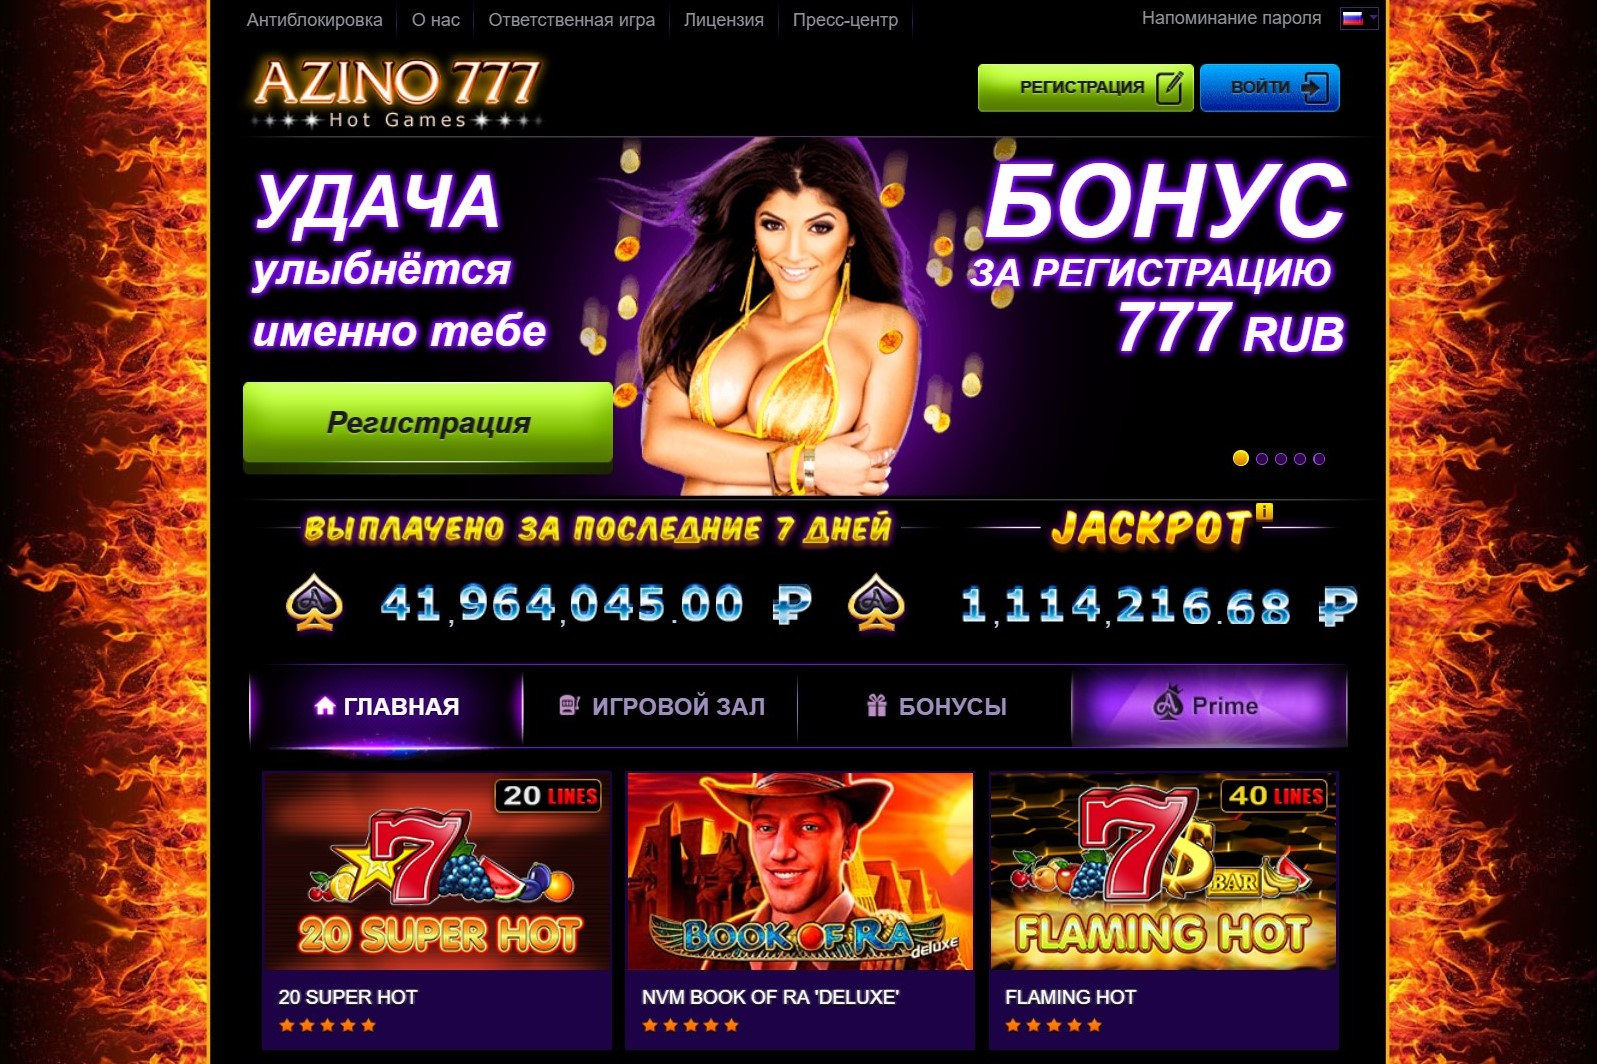 21 казино азино777